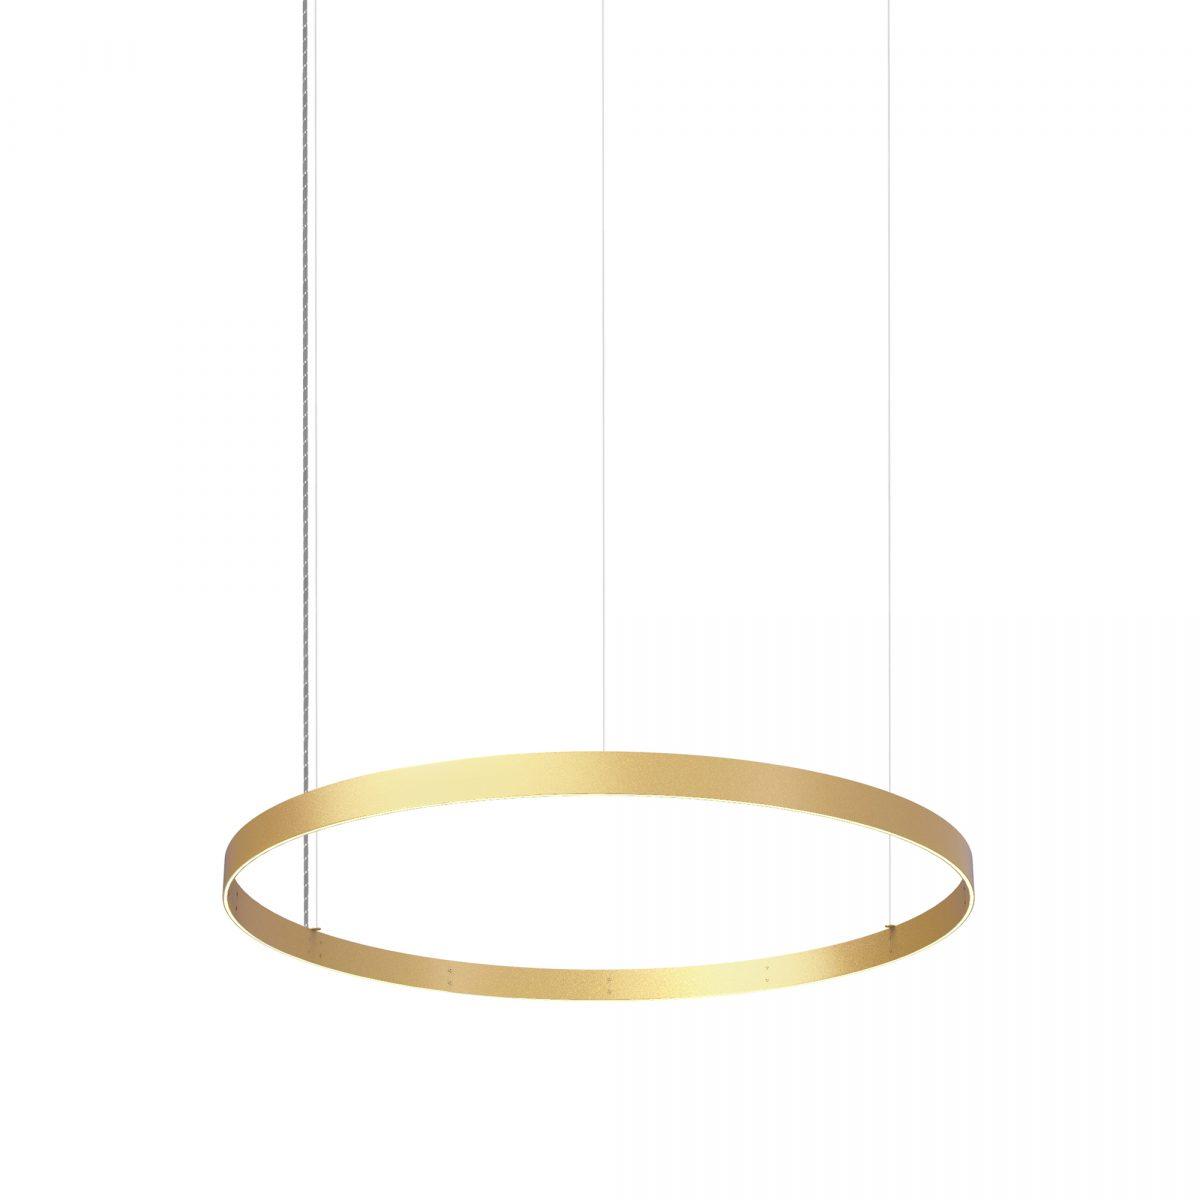 Eden S Hanglamp Goud Gold On